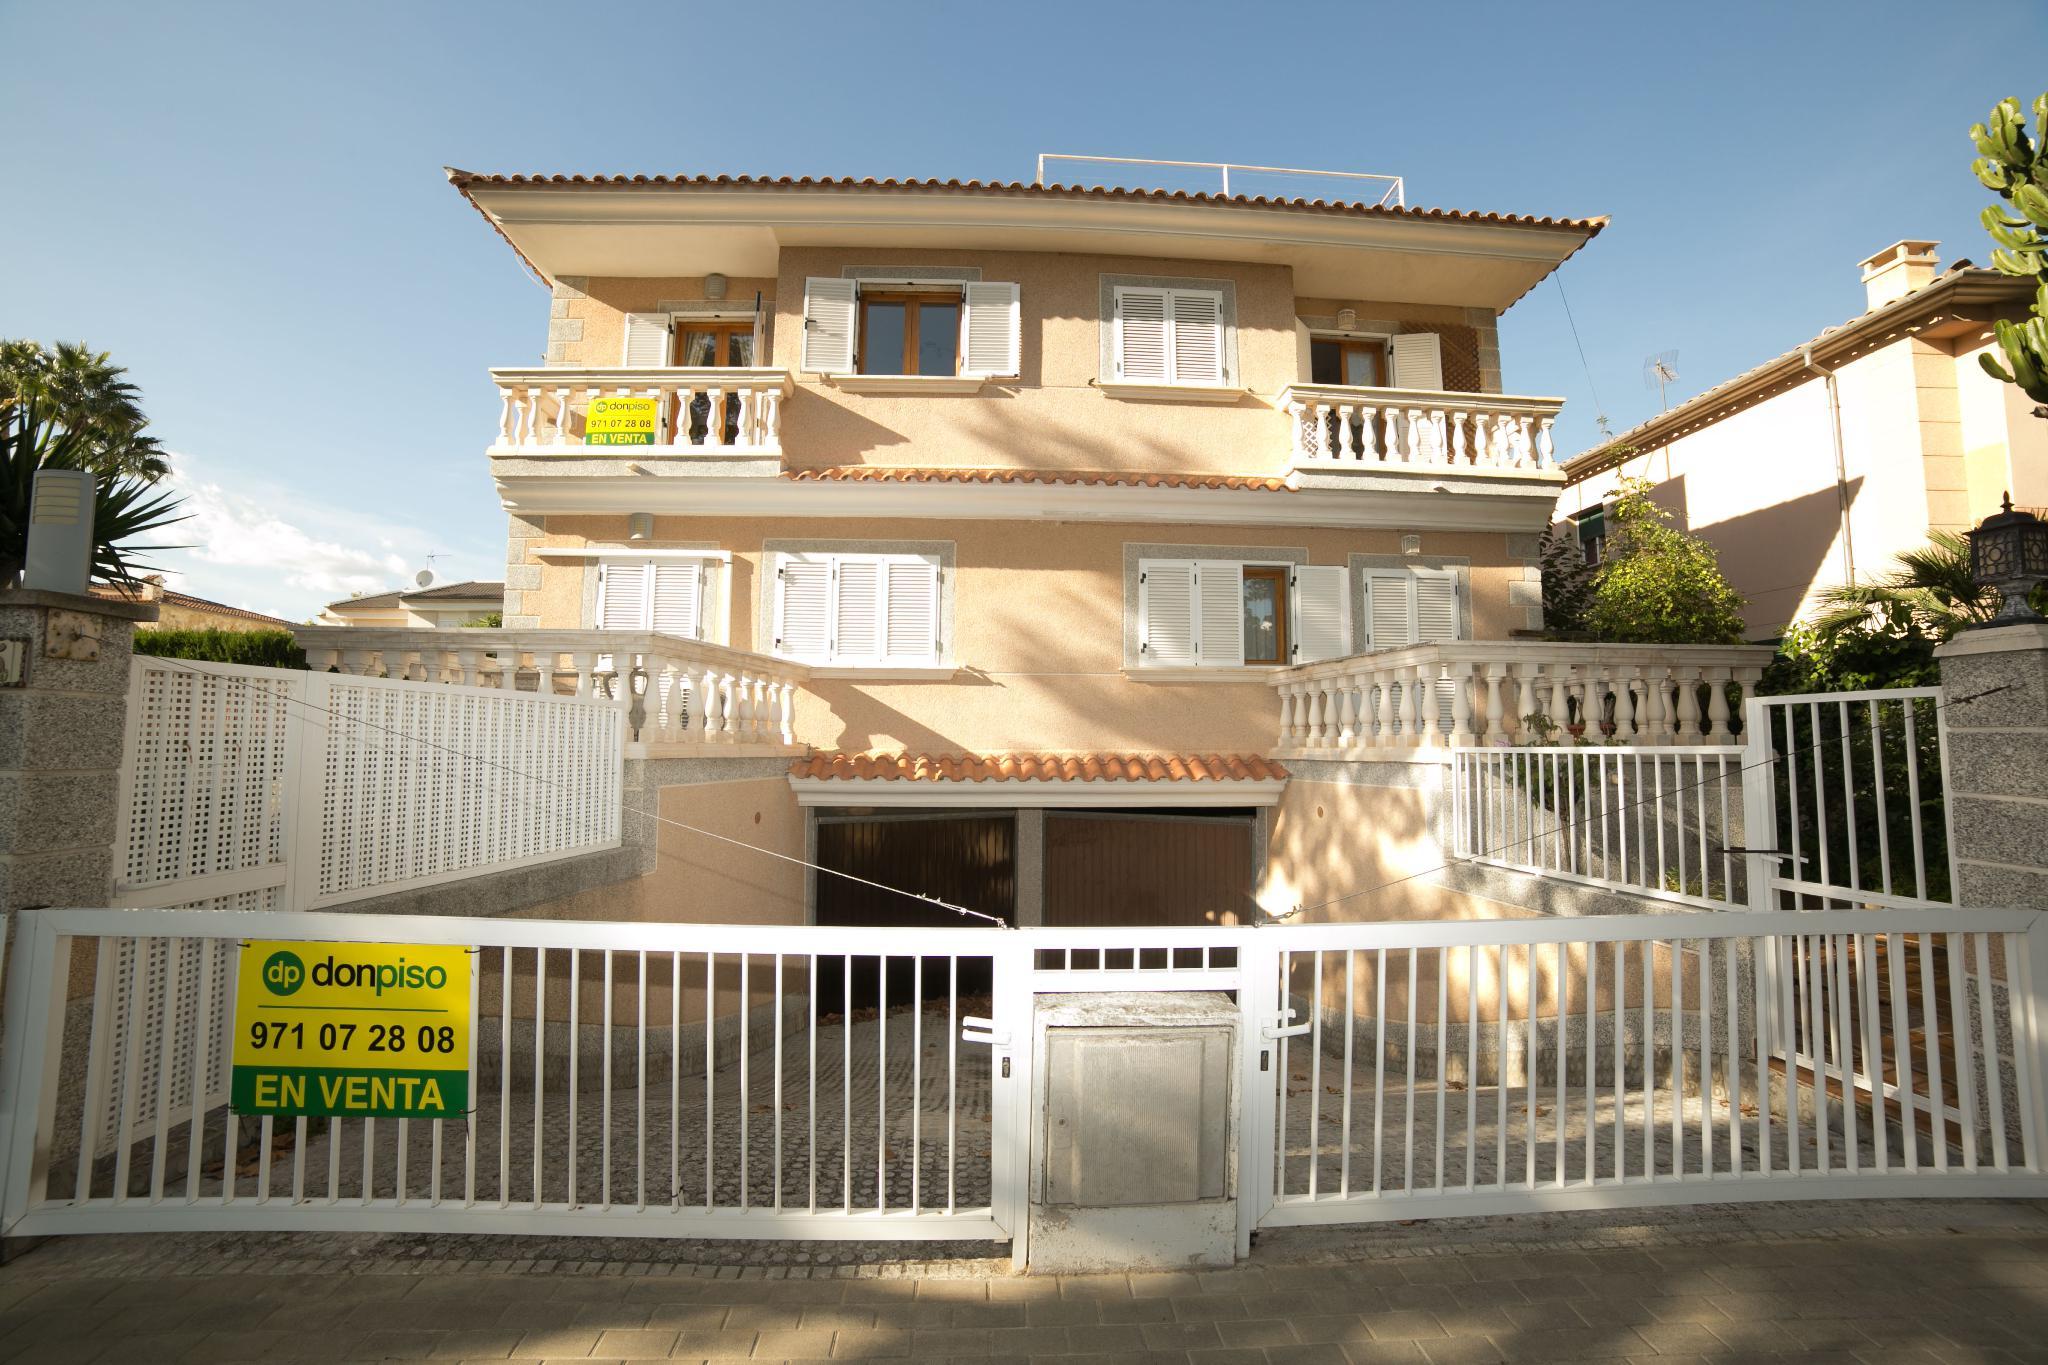 casas baratas palma de mallorca trendy image with casas